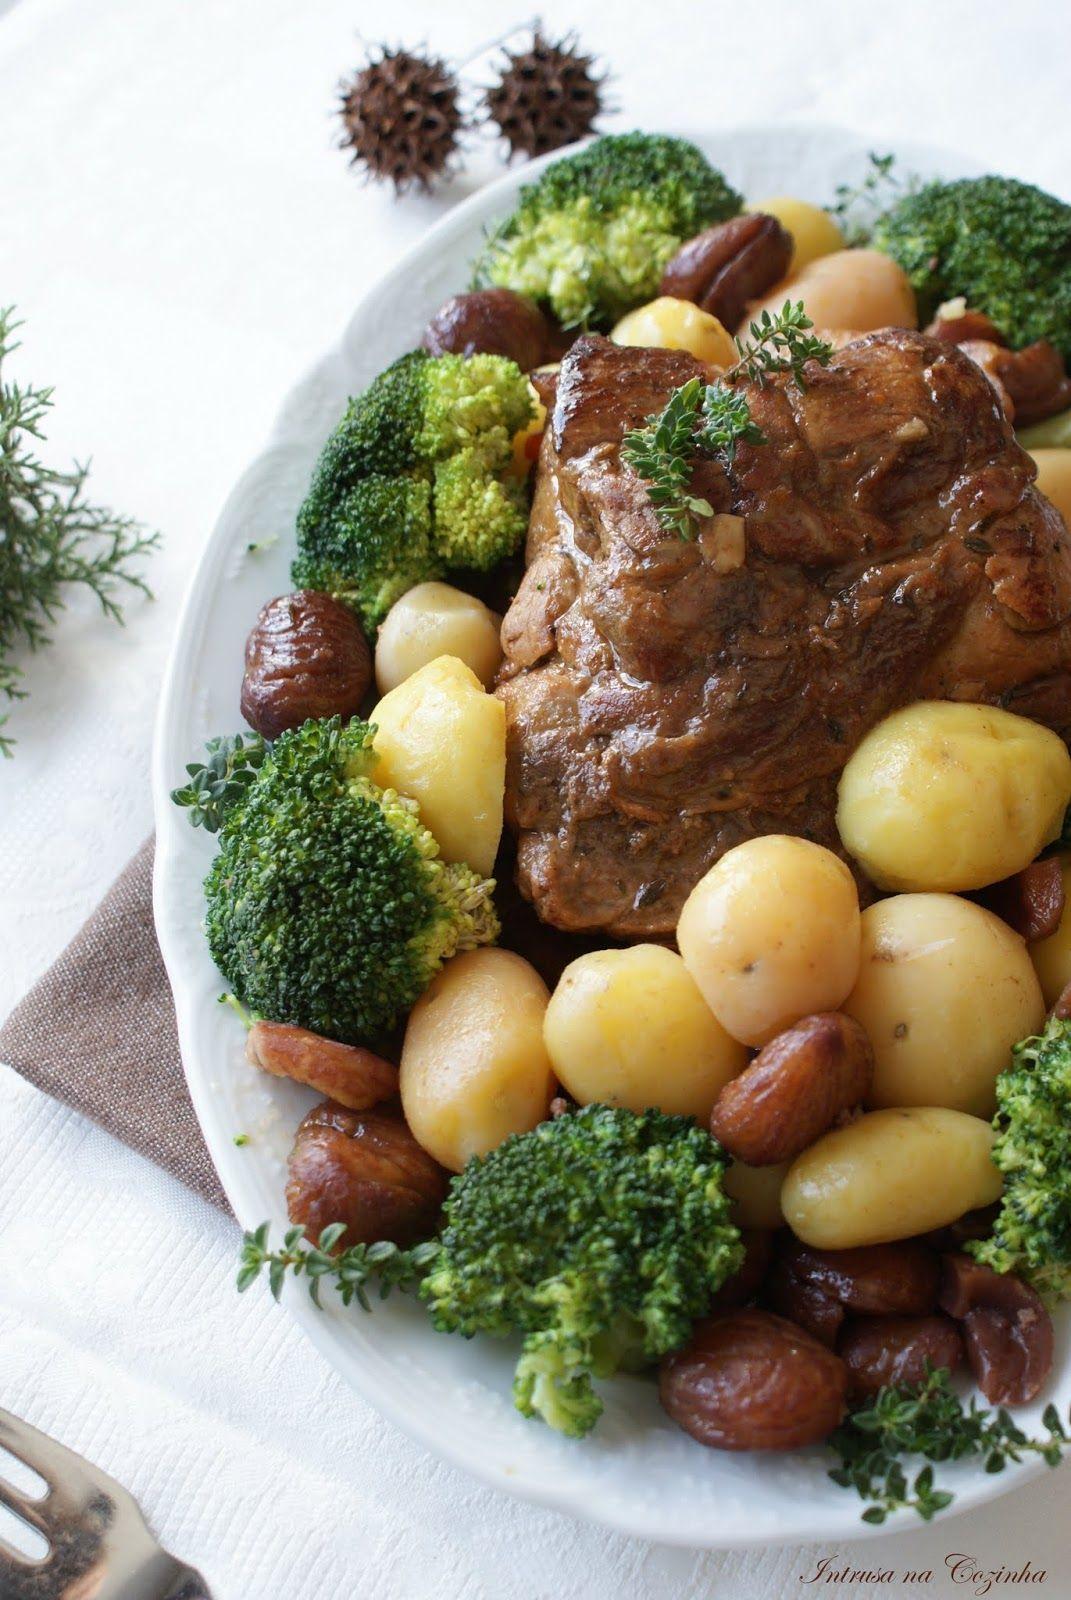 Intrusa na Cozinha: Carne de Porco com Castanhas em calda de Vinho do Porto // Pork with Chestnuts in Syrup of Oporto Wine